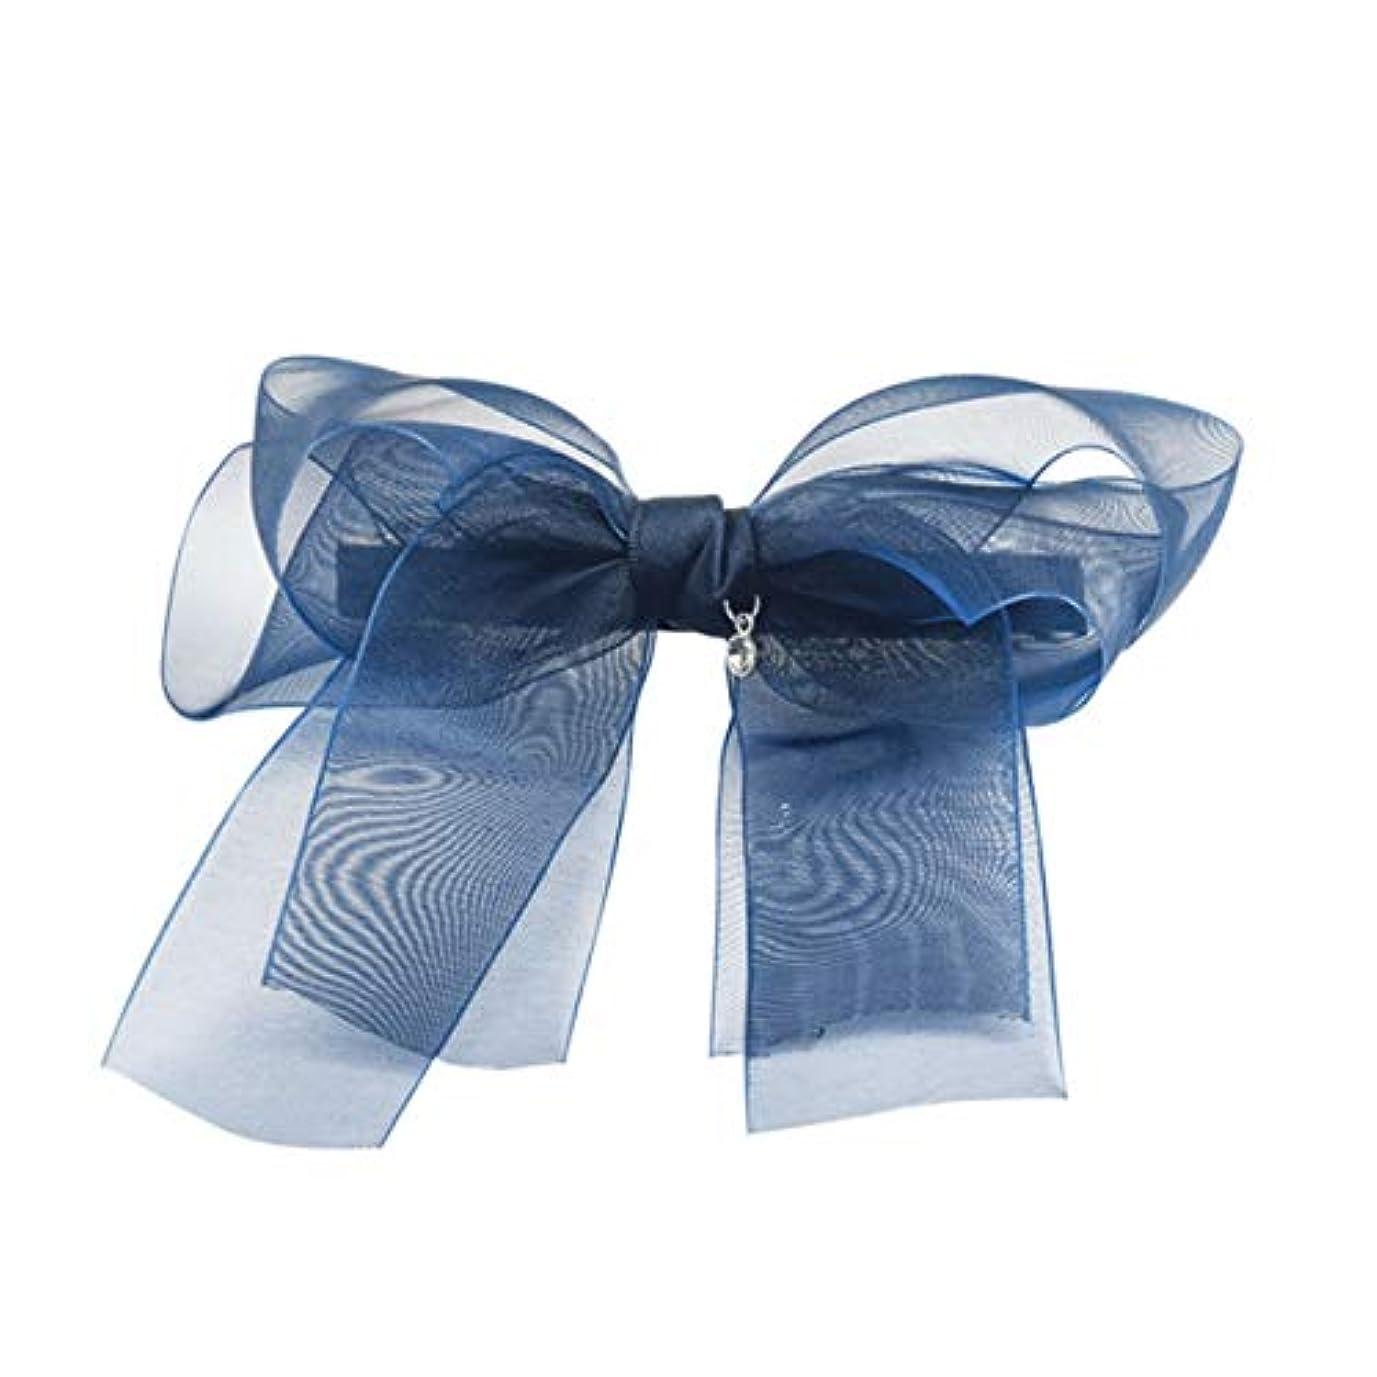 暴徒アラブサラボ絶望ヘアクリップ、ヘアピン、ヘアグリップ、ヘアグリップ、ヘアピン女性の大きなポニーテールクリップファッションポップフラワーヘアピン布の頭飾りバナナクリップ垂直クリップ手作りの生地パープル、グレー、ブルー (Color : Gray...